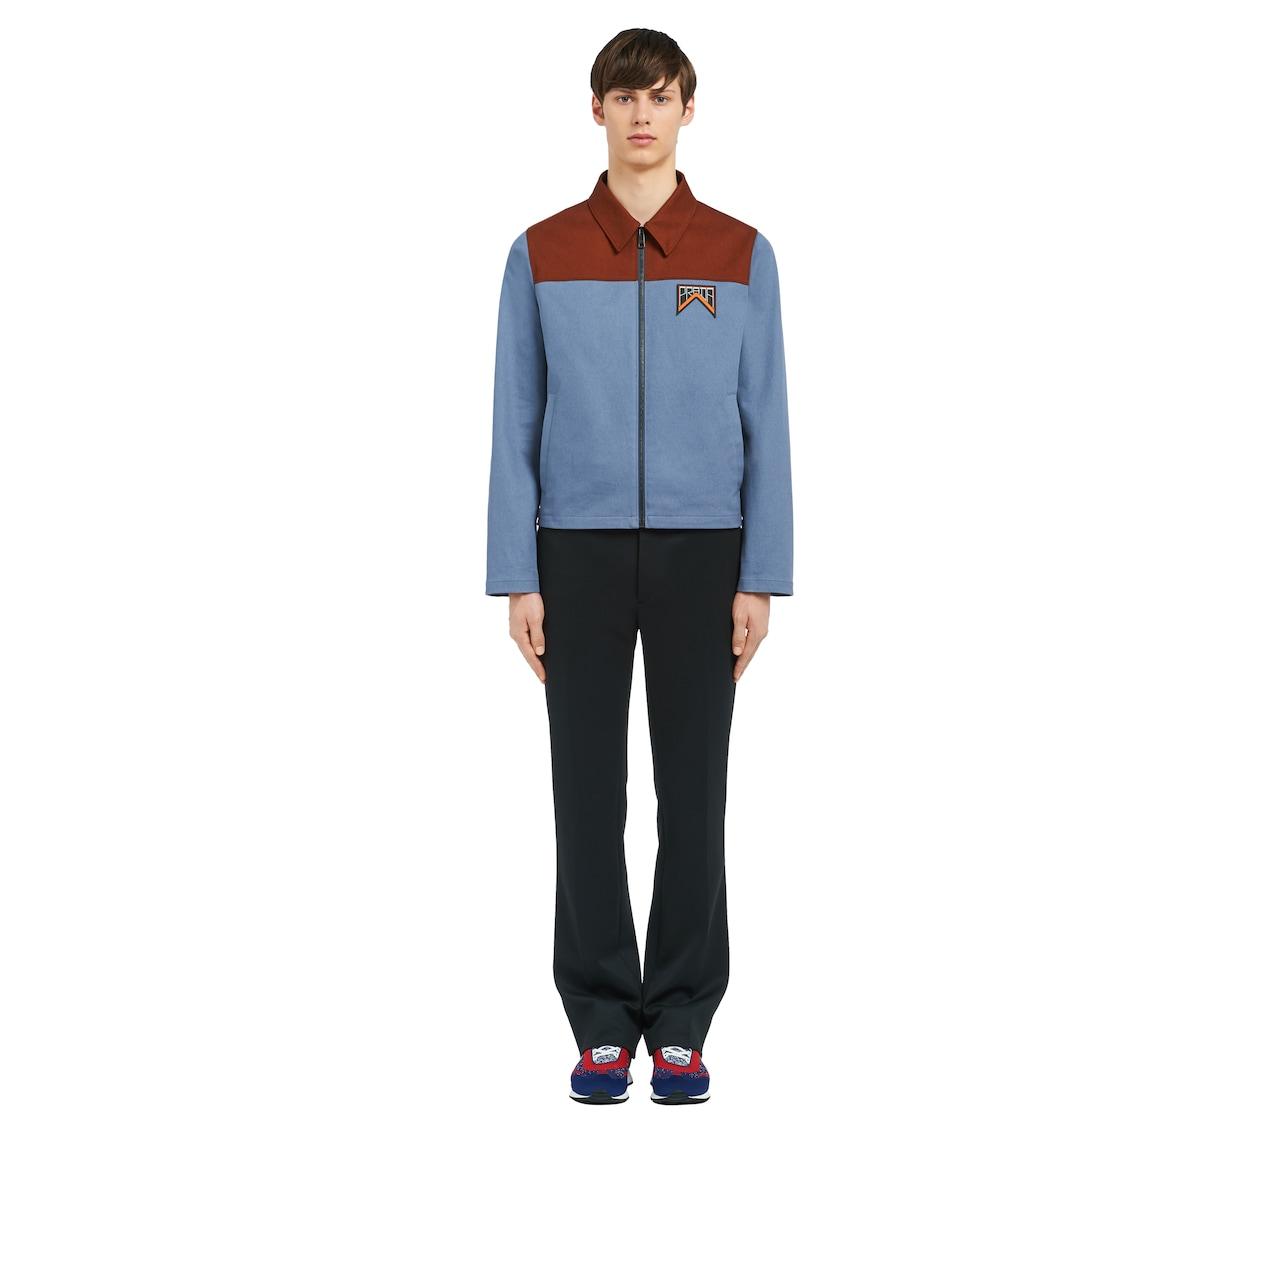 Veste en coton bicolore